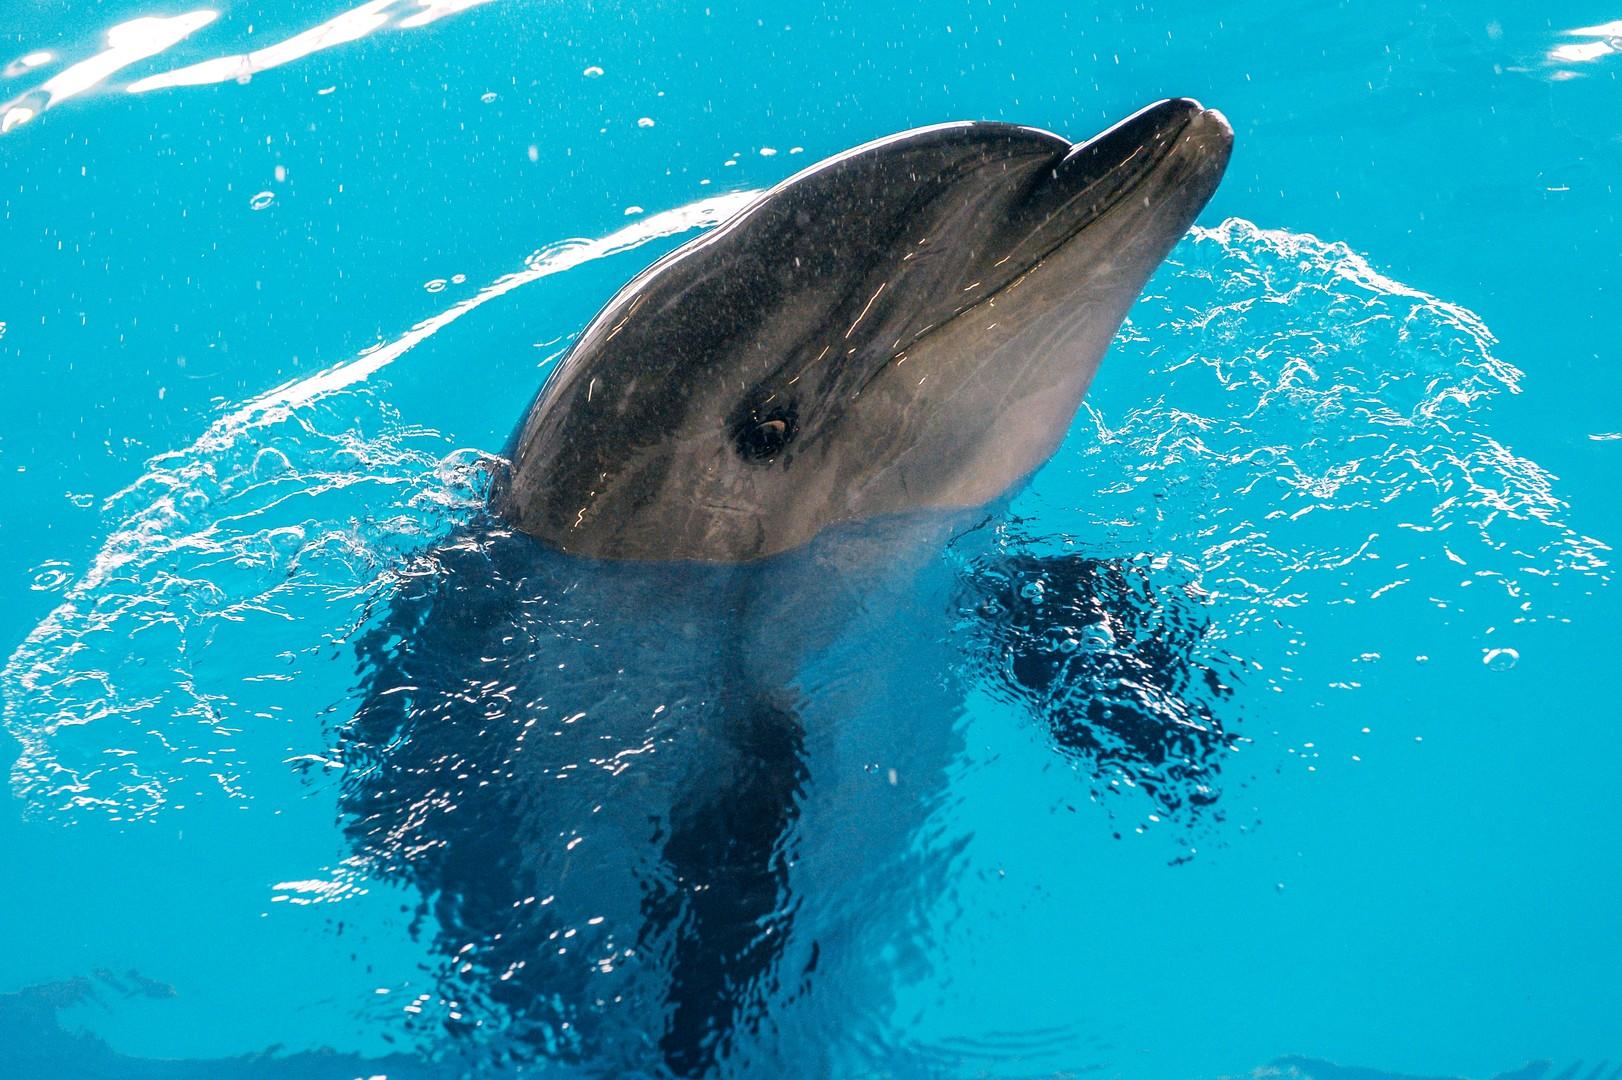 Есть контакт: как дельфины могут помочь при коммуникациях с внеземным разумом